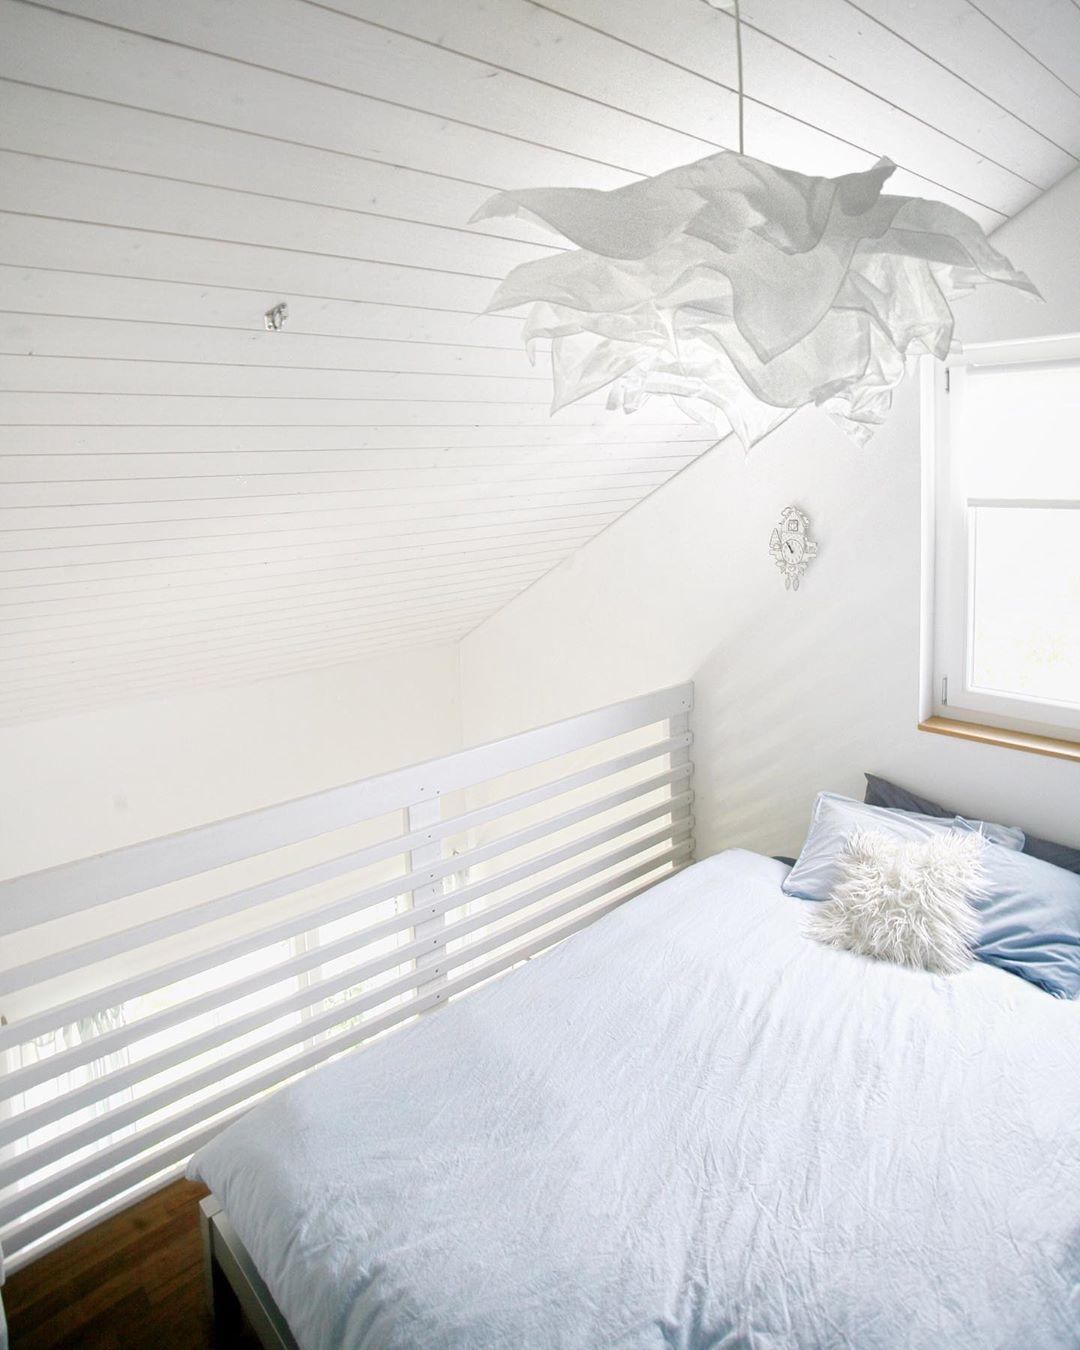 Full Size of Bett Ein Schweizer Garten On Instagram Auf Der Galerie Passt Gut Bopita 200x200 Mit Bettkasten Buche Landhaus Lifetime Betten 140x200 Dico Im Schrank Home Bett Bett 1.40